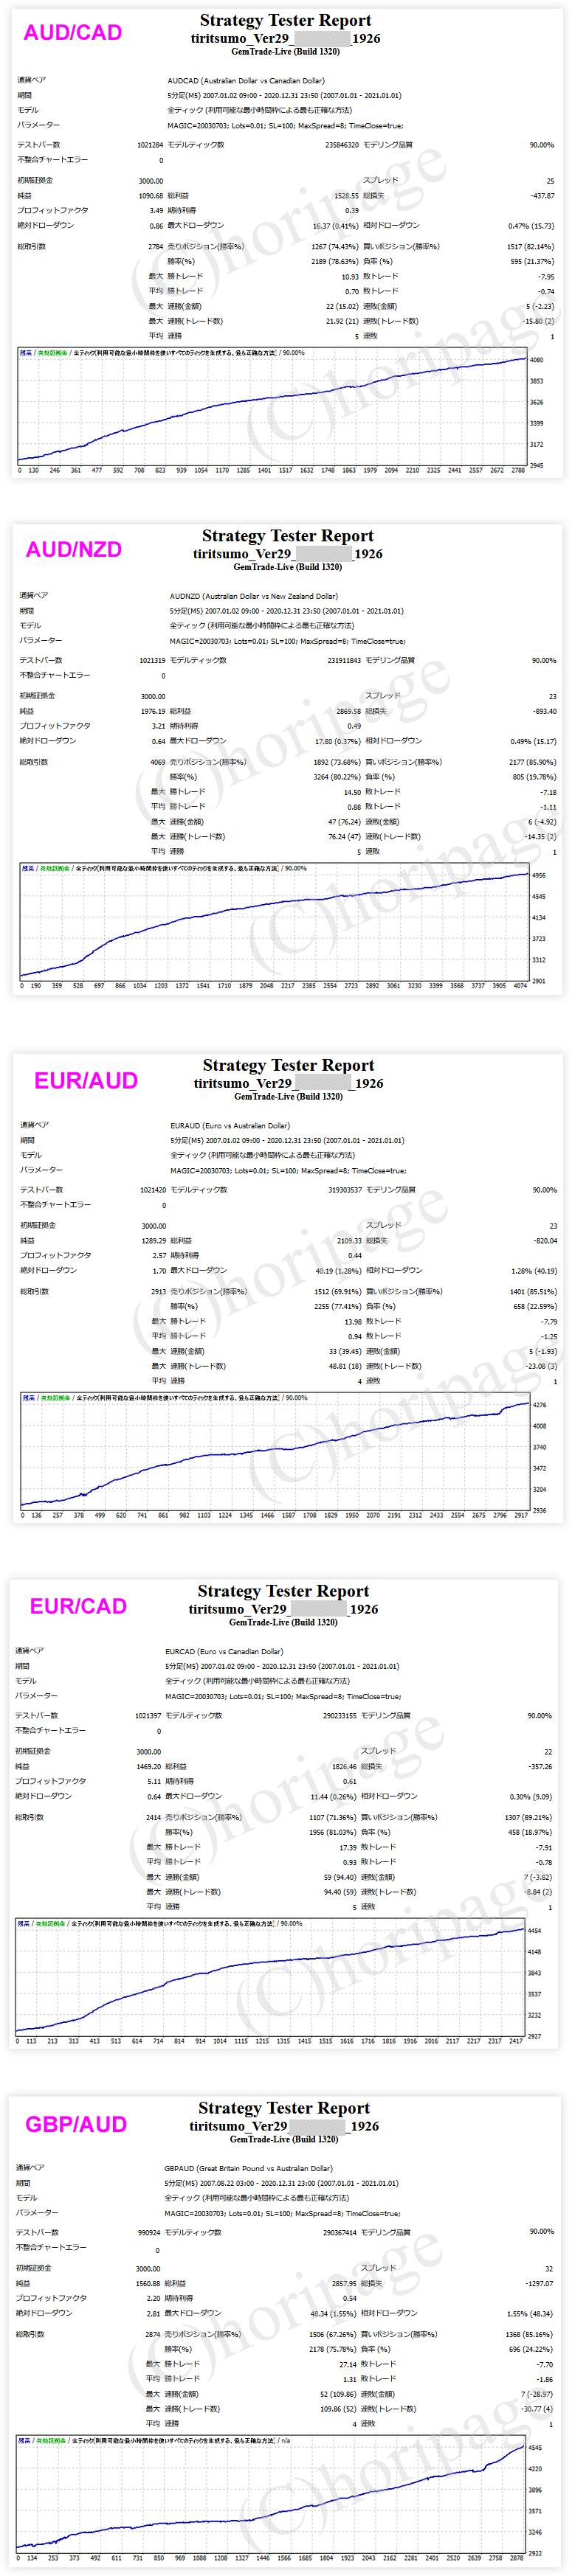 FXのEA1926番TIRITSUMO_Ver29のストラテジーテスターレポート